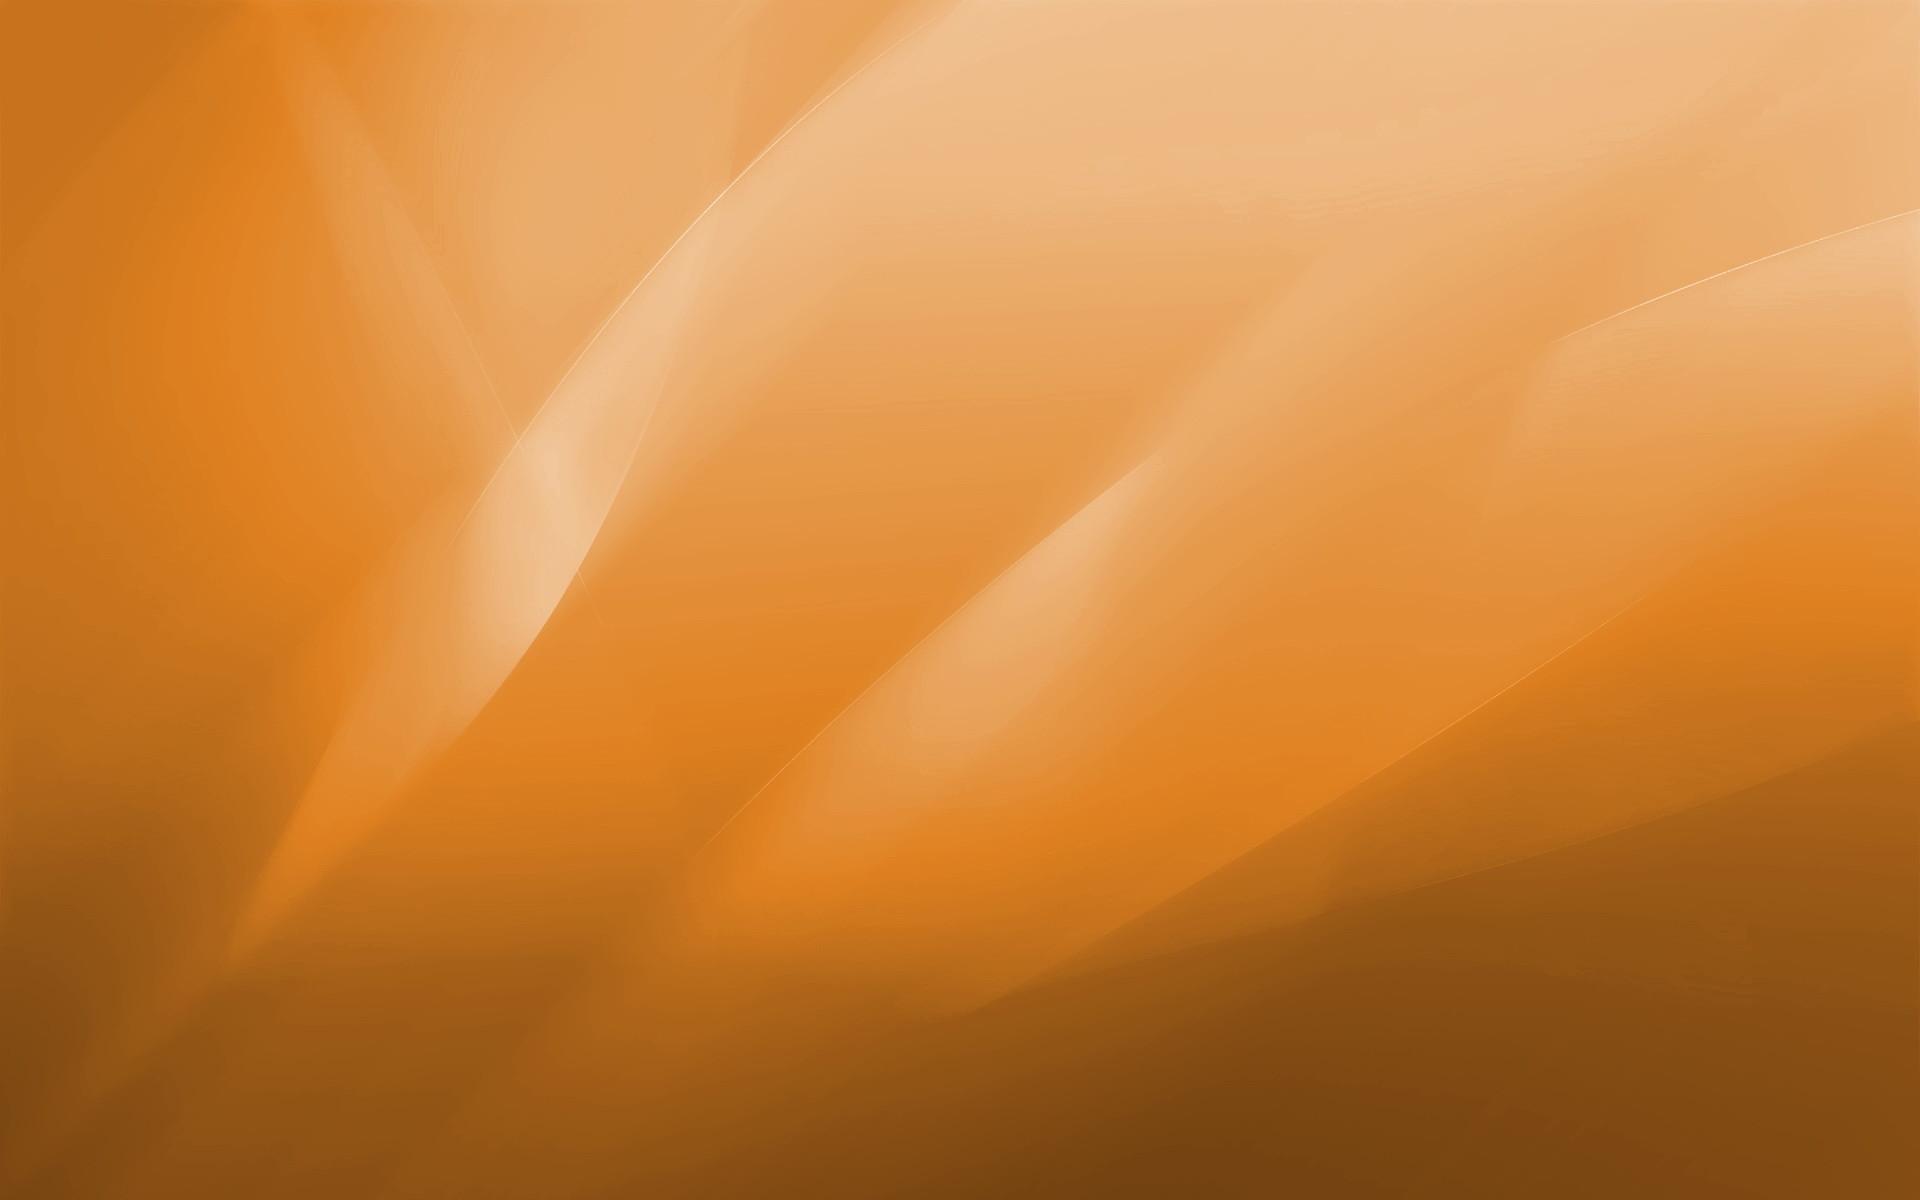 人美版橙色的画美术课件PPT:这是一个关于人美版橙色的画美术课件PPT,这节课主要是了解艺术家的作品中是如何运用橙的?画里表现的是什么季节和场景?这幅画中的色彩给你什么样的感受?欢迎点击下载人美版橙色的画美术课件PPT哦。 橙色,是电磁波的可视光部分中的长波,波长大约为590~610nm。界于红色和黄色之间的混合色。又称桔黄或桔色。橙色是欢快活泼的光辉色彩,是暖色系中最温暖的色 橙色的画优秀课件PPT:这是一个关于橙色的画优秀课件PPT,这节课主要是了解橙色的画是只用橙色来作画的?